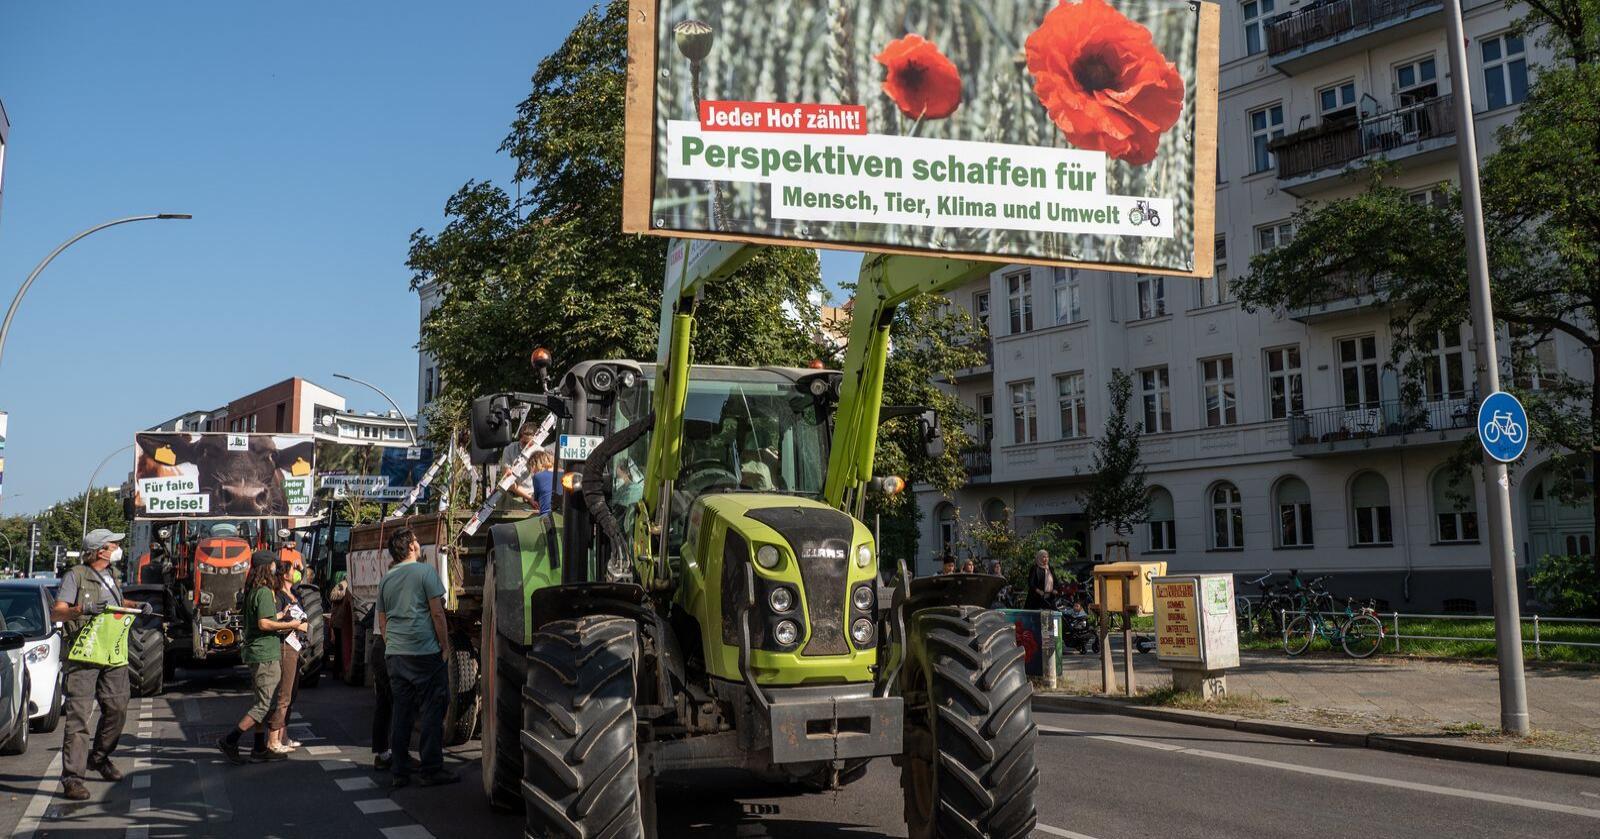 Utfordrer partiene: Også i Tyskland har bønder store forventninger til en ny regjering. Med traktorer og bannere har de oppsøkt partienes hovedkvarter i Berlin foran valget om en uke. Foto: Bauernstimme/AbL